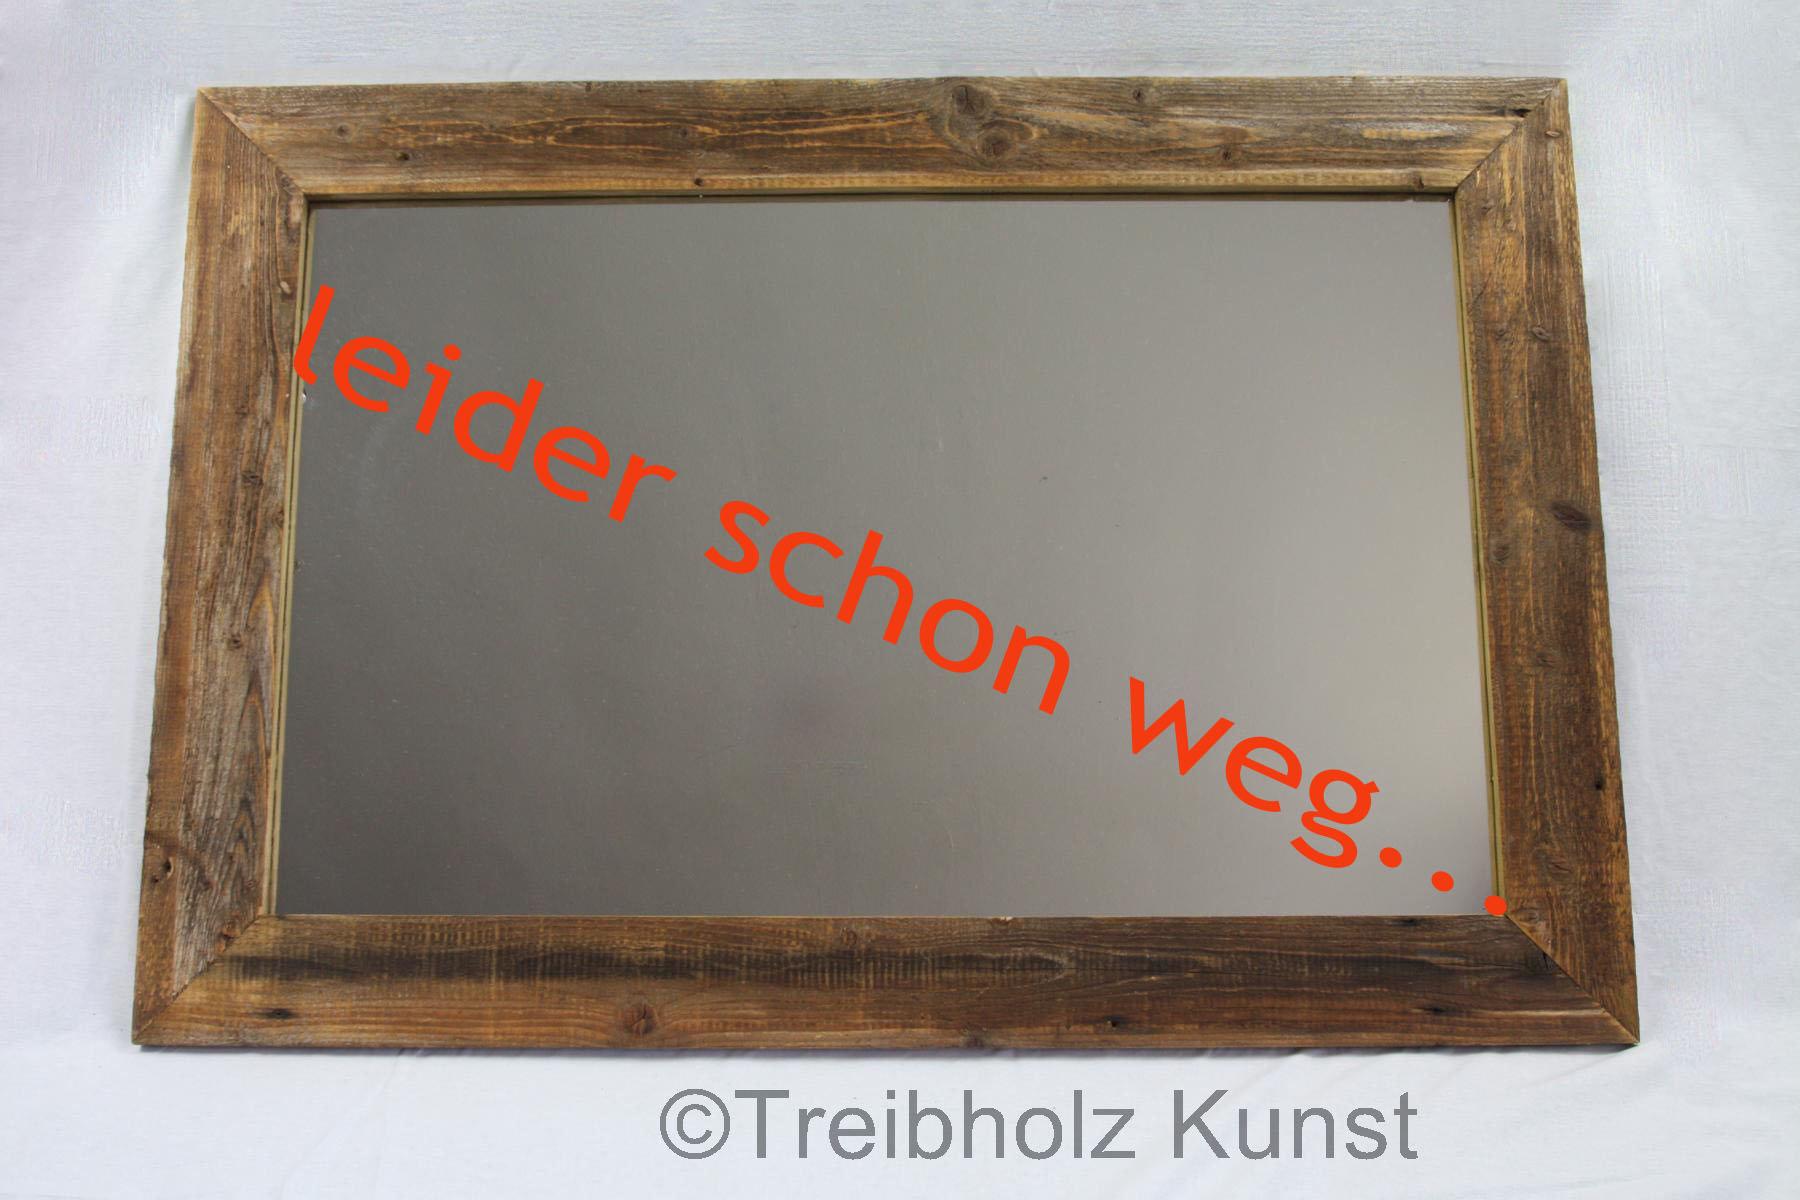 Spiegel Treibholz treibholz spiegel treibholz bodensee de schwemmholz spiegel